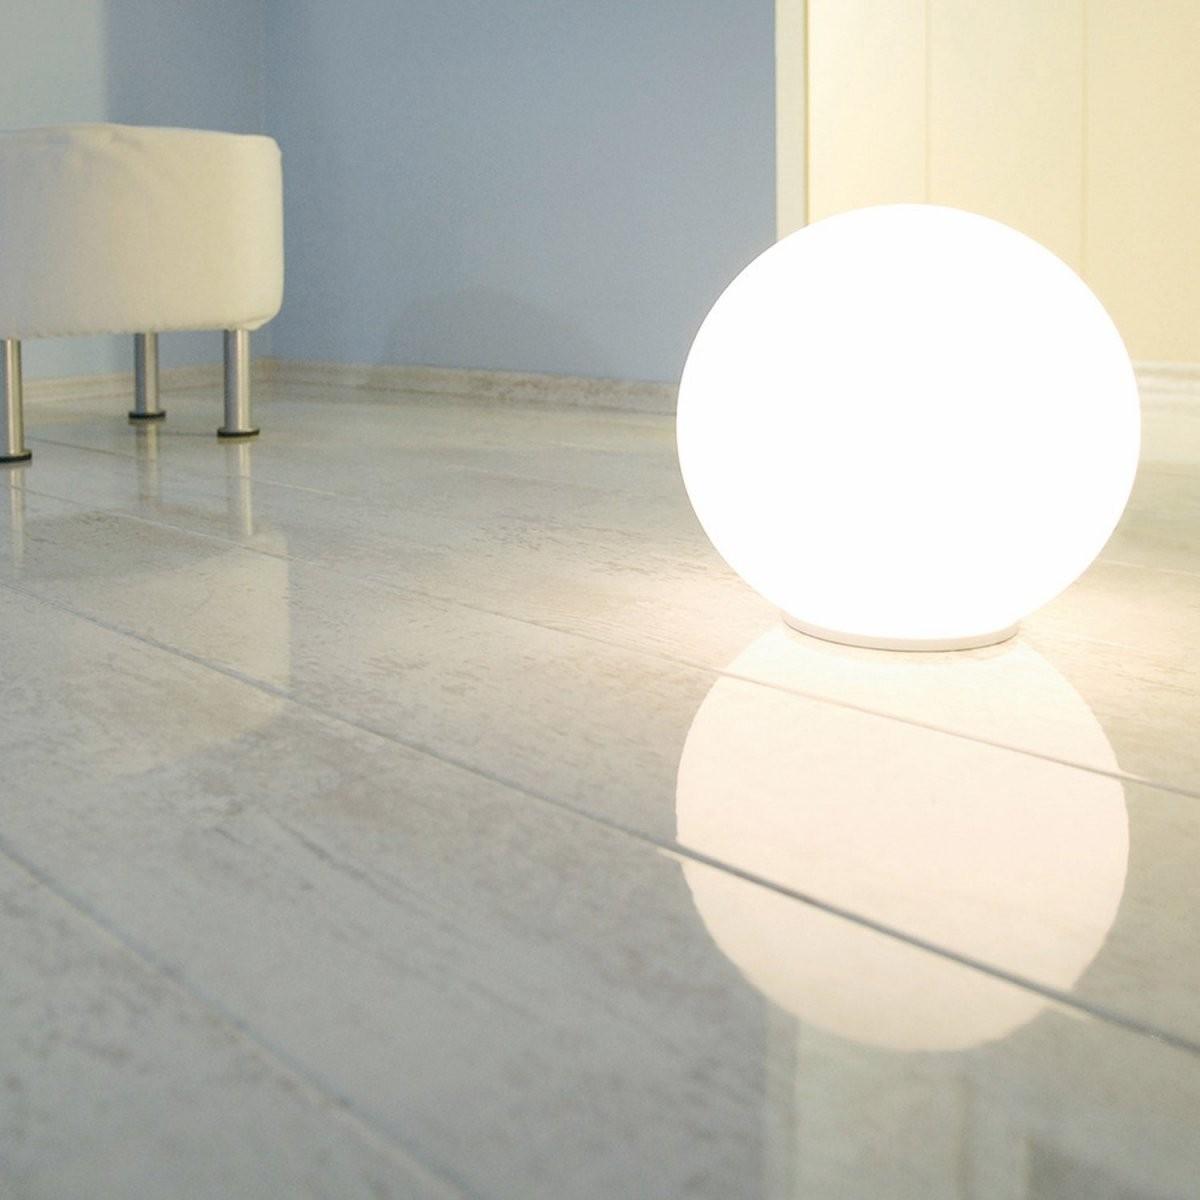 Elesgo Laminatboden Superglanz Diele Antikweiß Kaufen Bei Obi von Laminat Weiß Hochglanz Ohne Fuge Bild